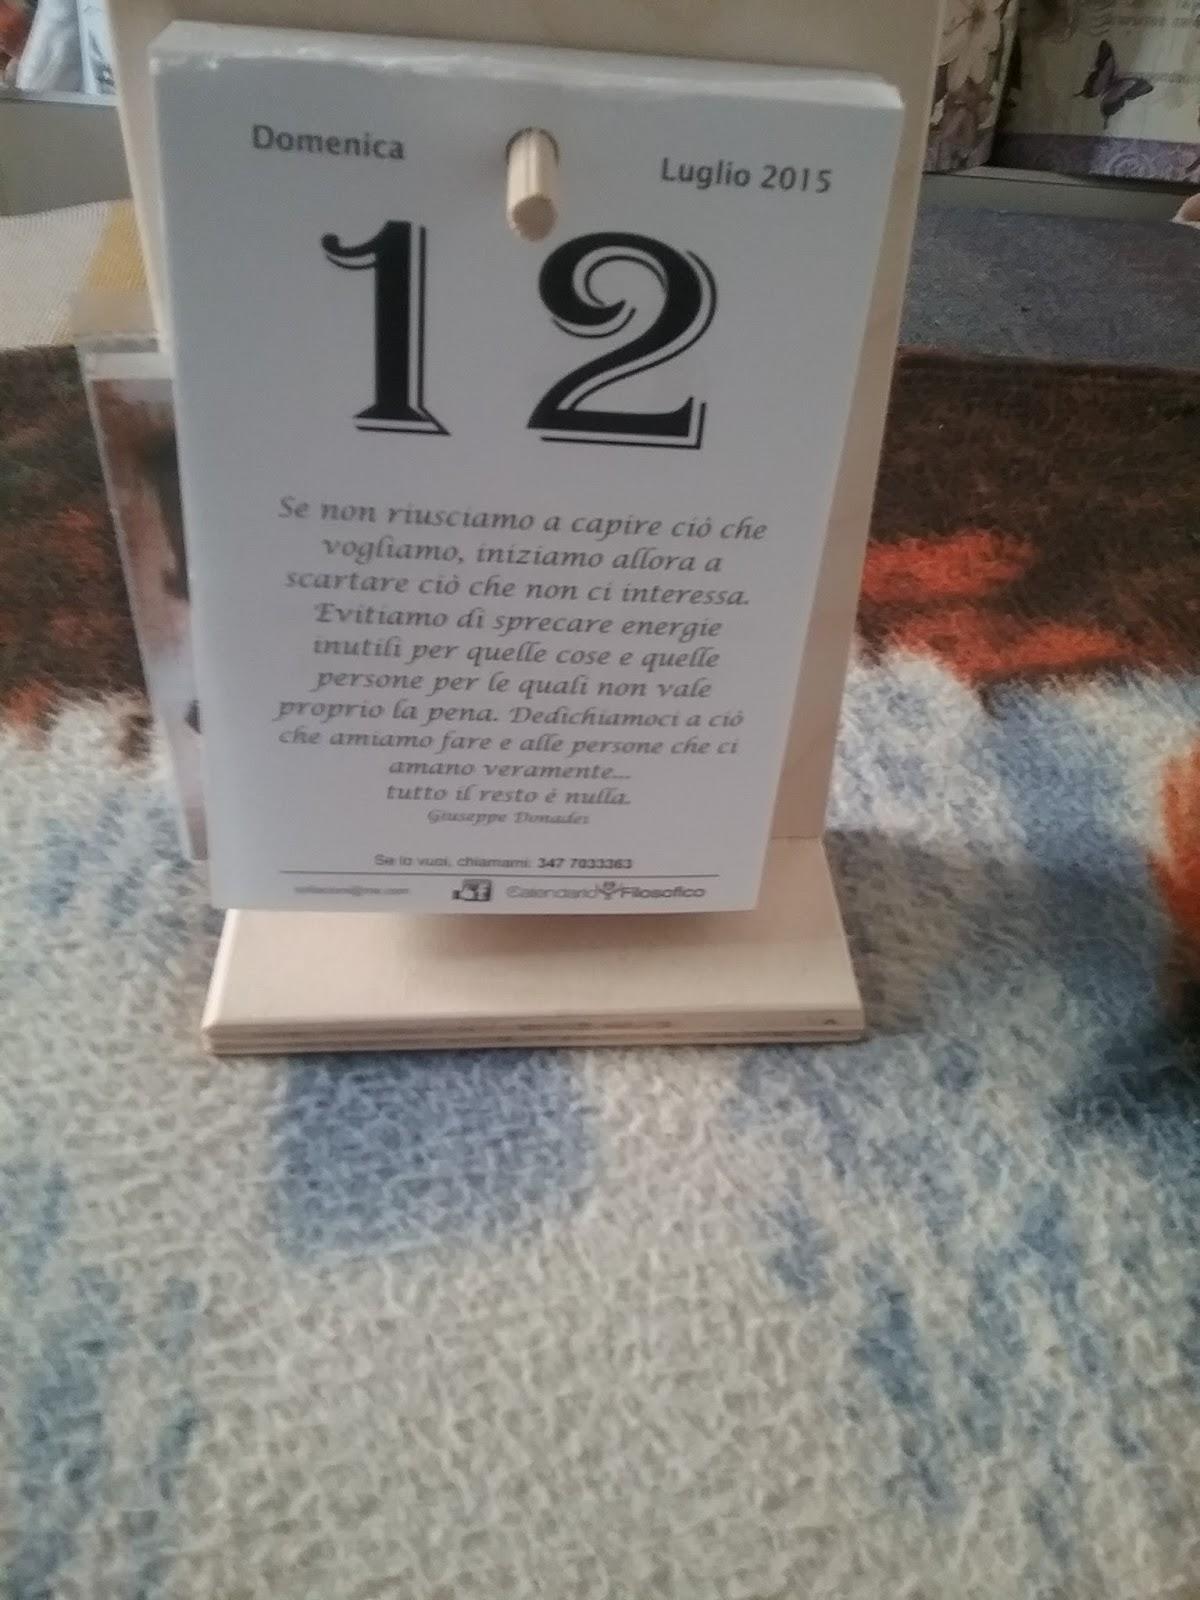 Calendario Ogni Giorno Una Frase.Diario Di Bordo Verso La Felicita Capire Bene Cosa Vogliamo